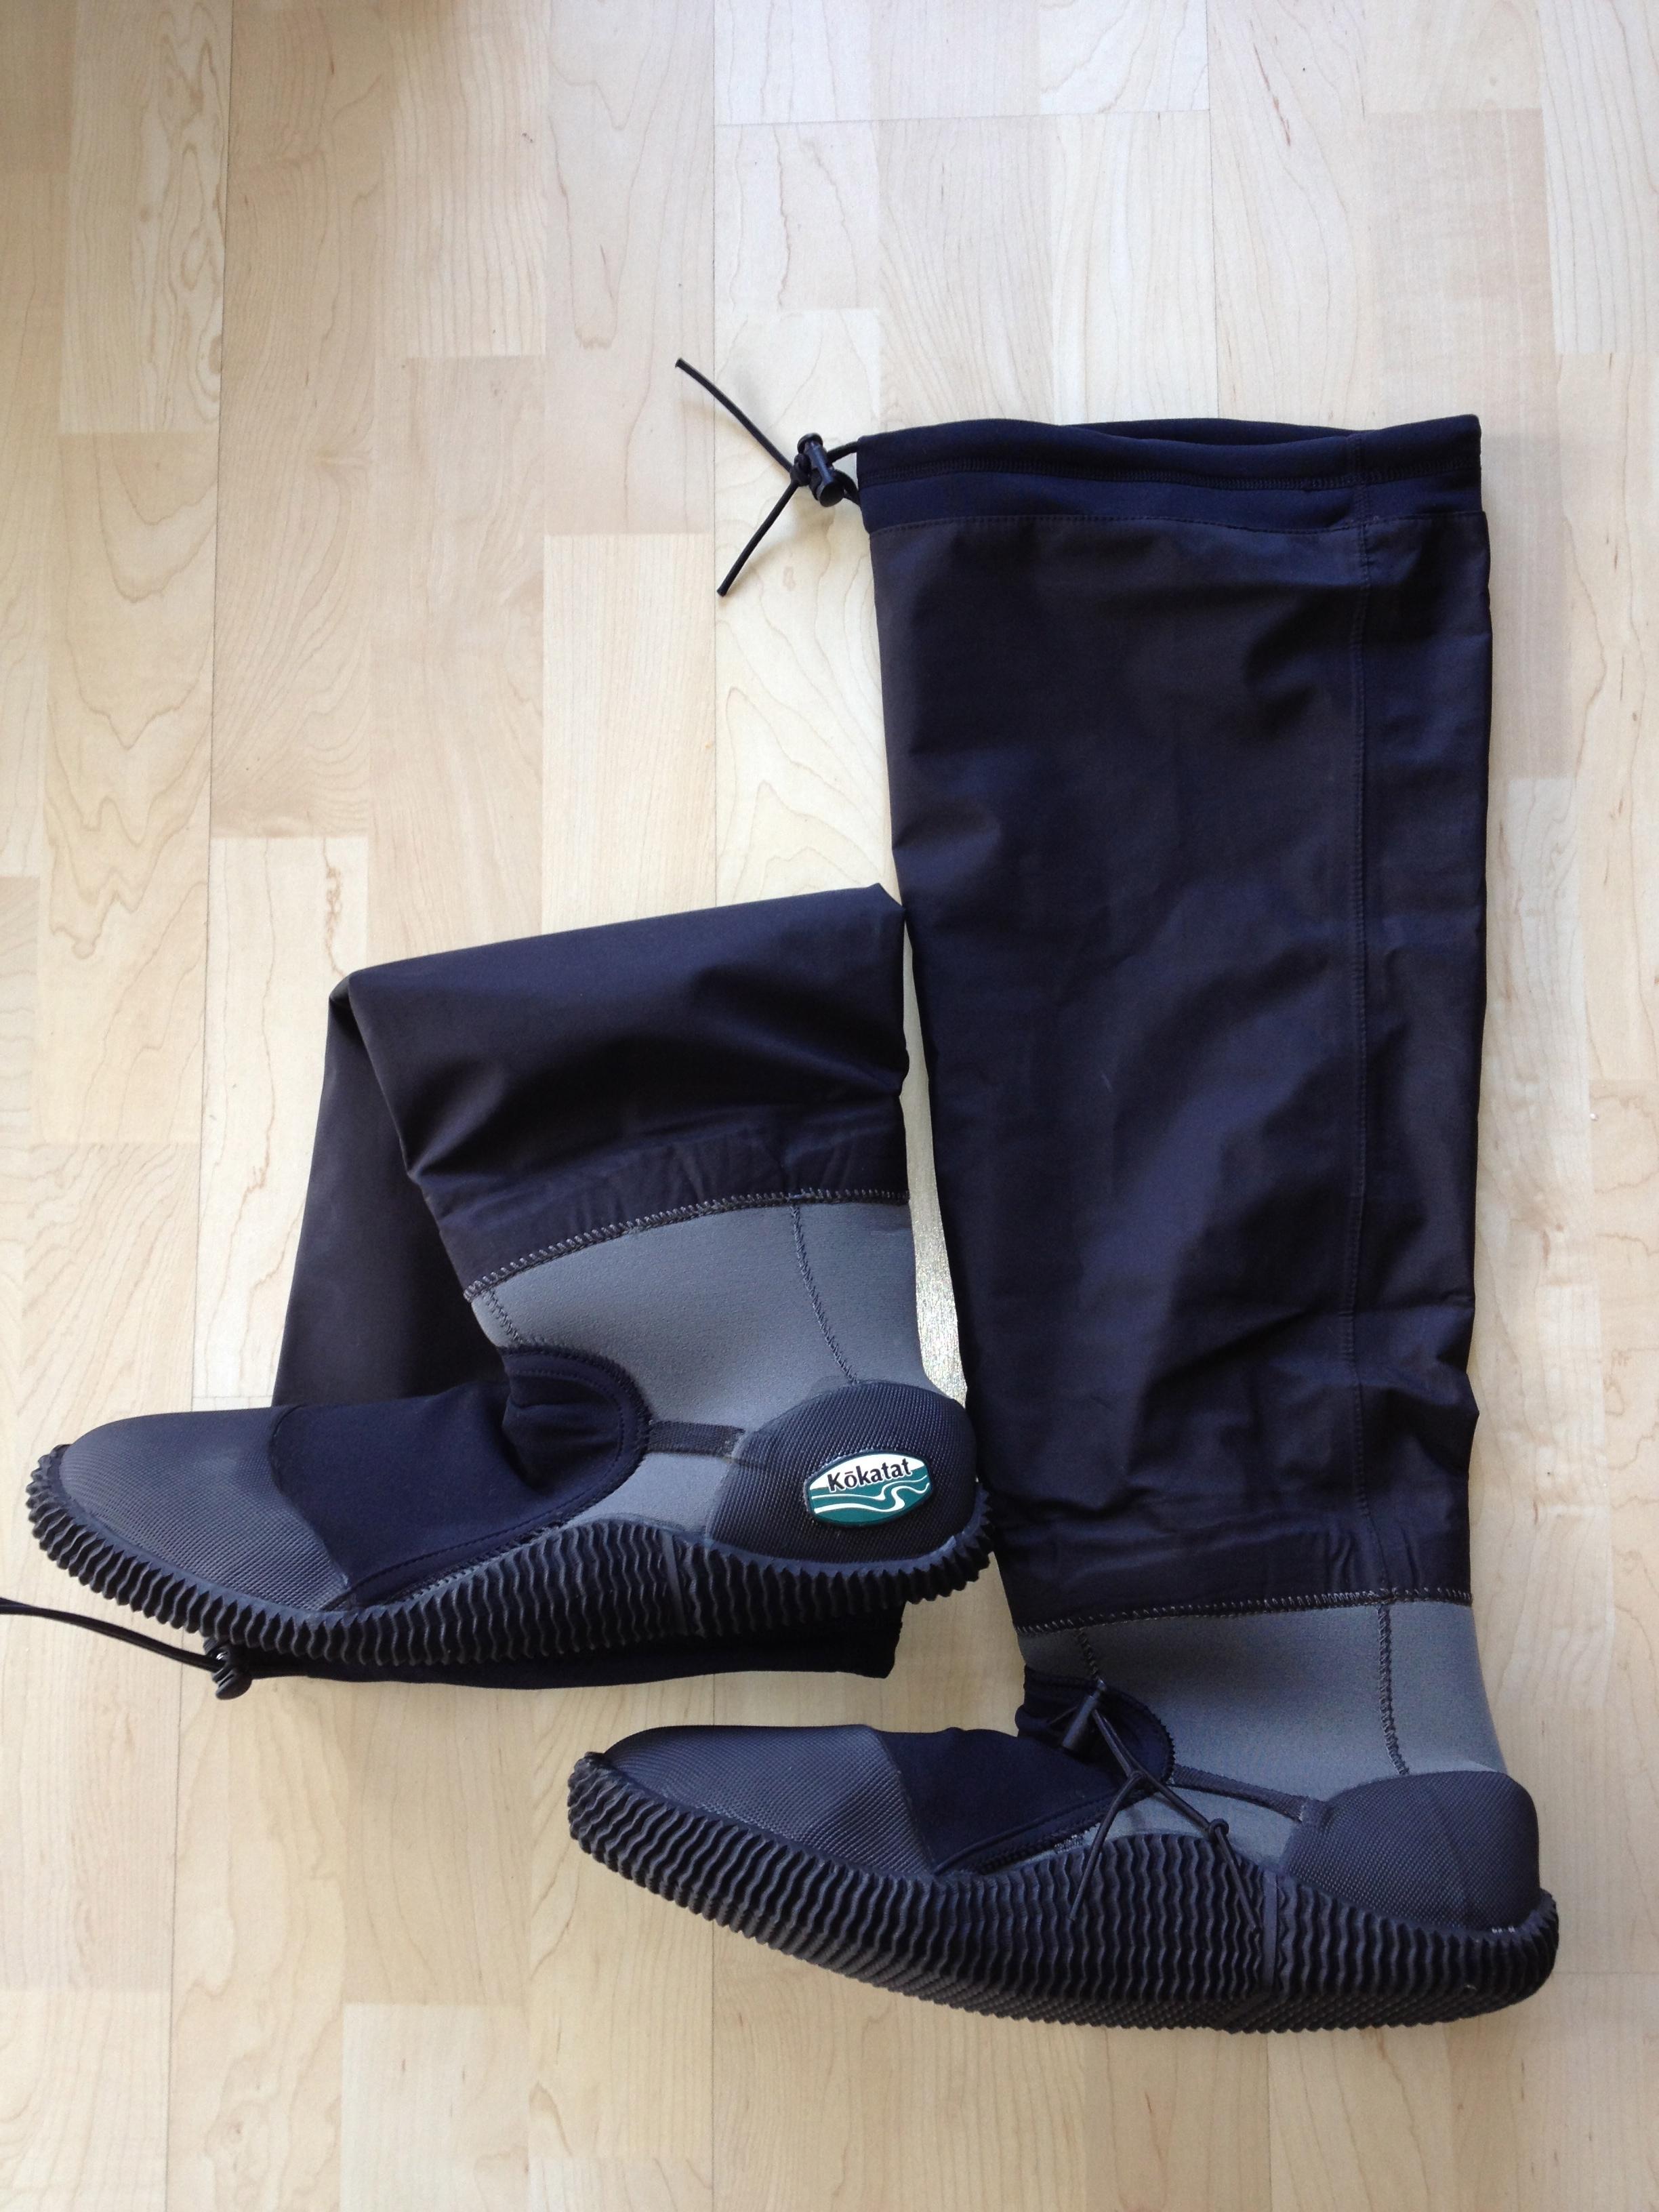 Korte støvler uden hæl ← Bedste priser